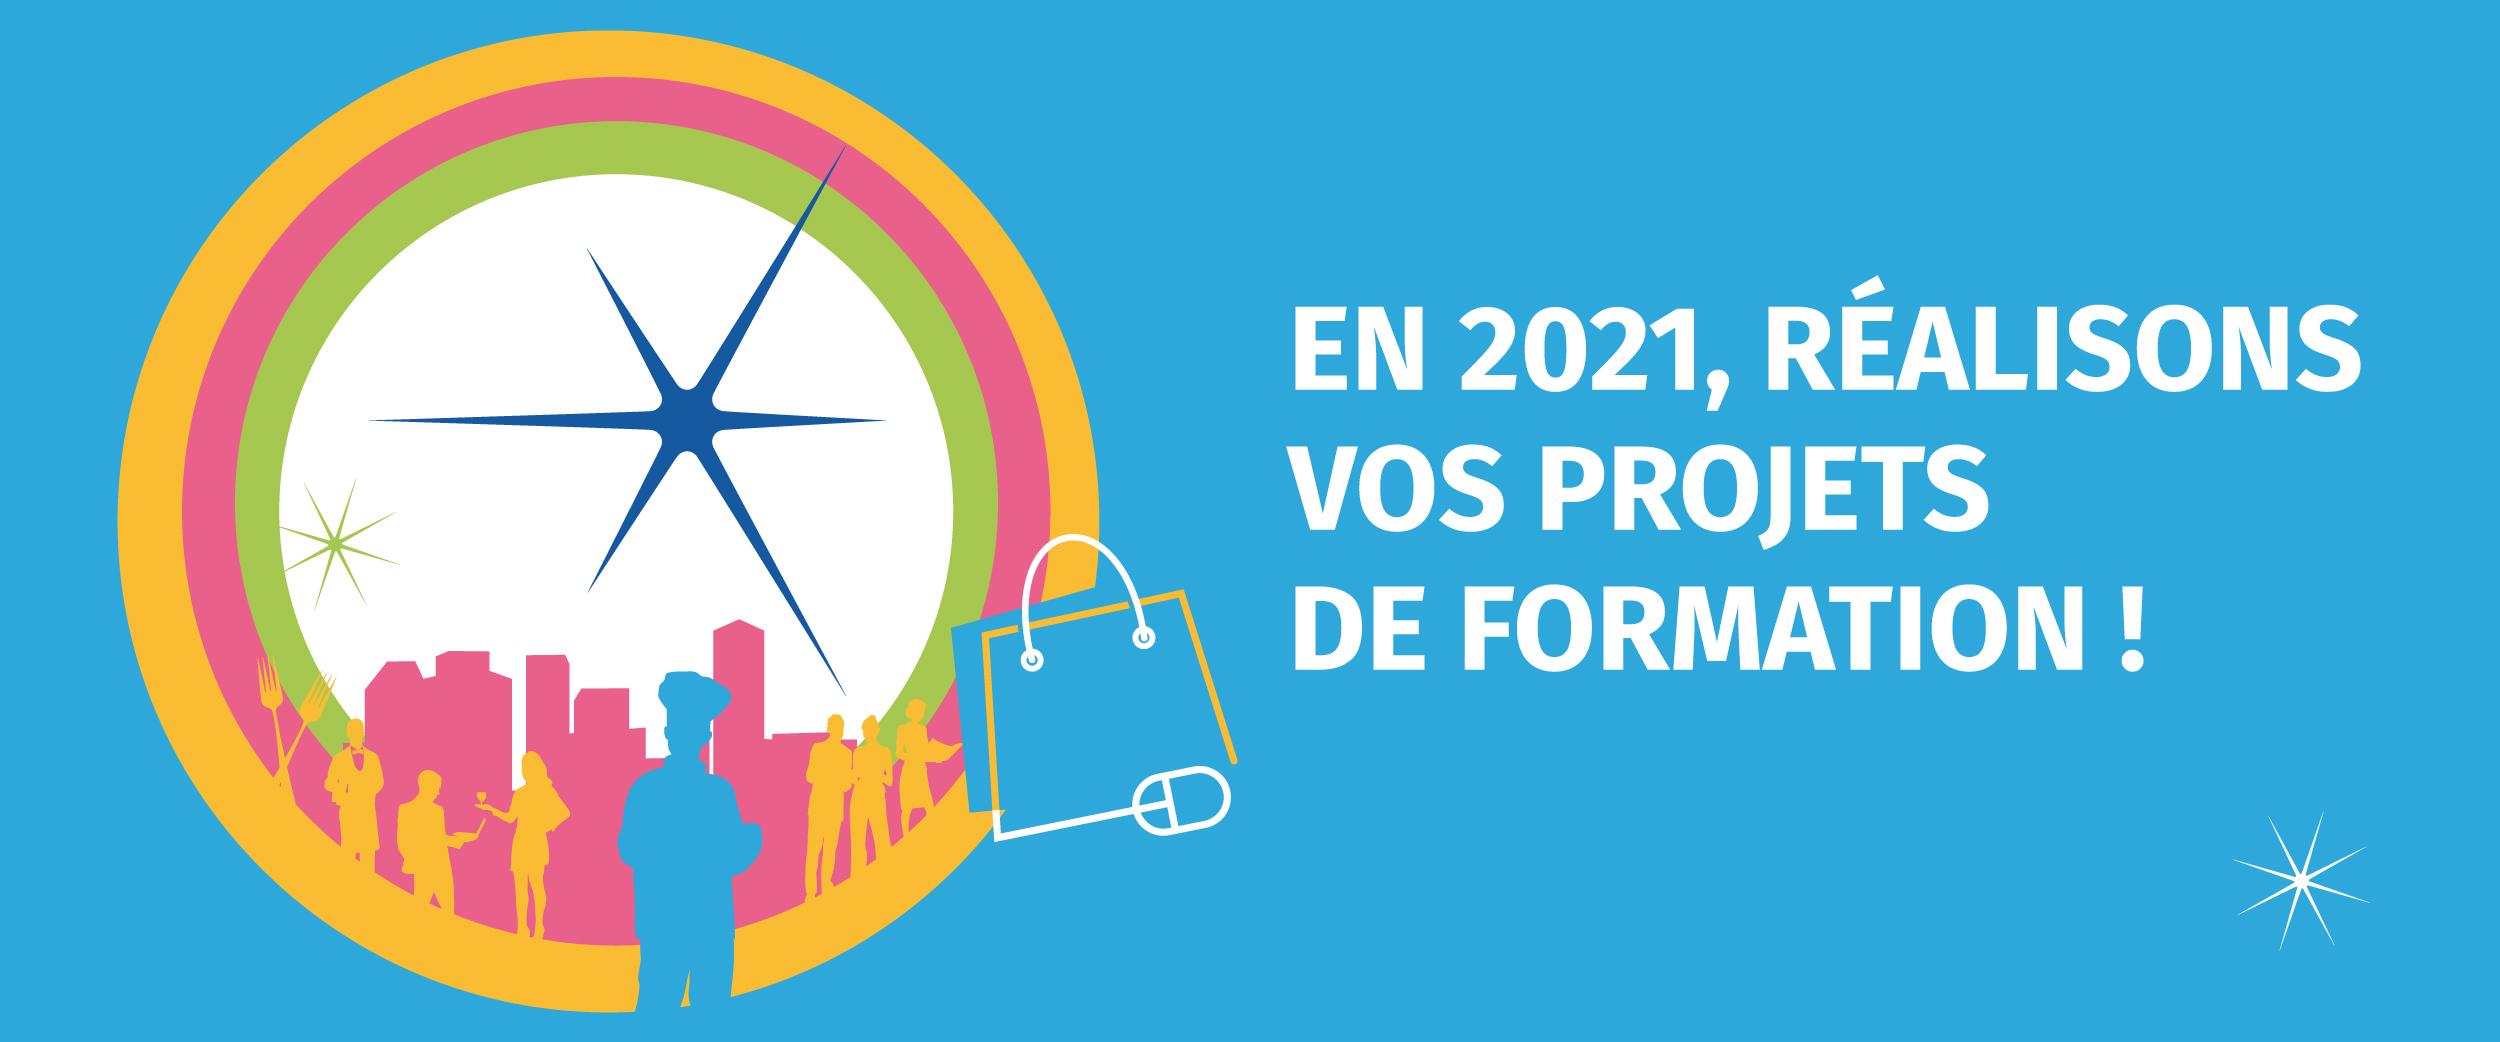 VOEUX 2021 ECOLES CCI DORDOGNE